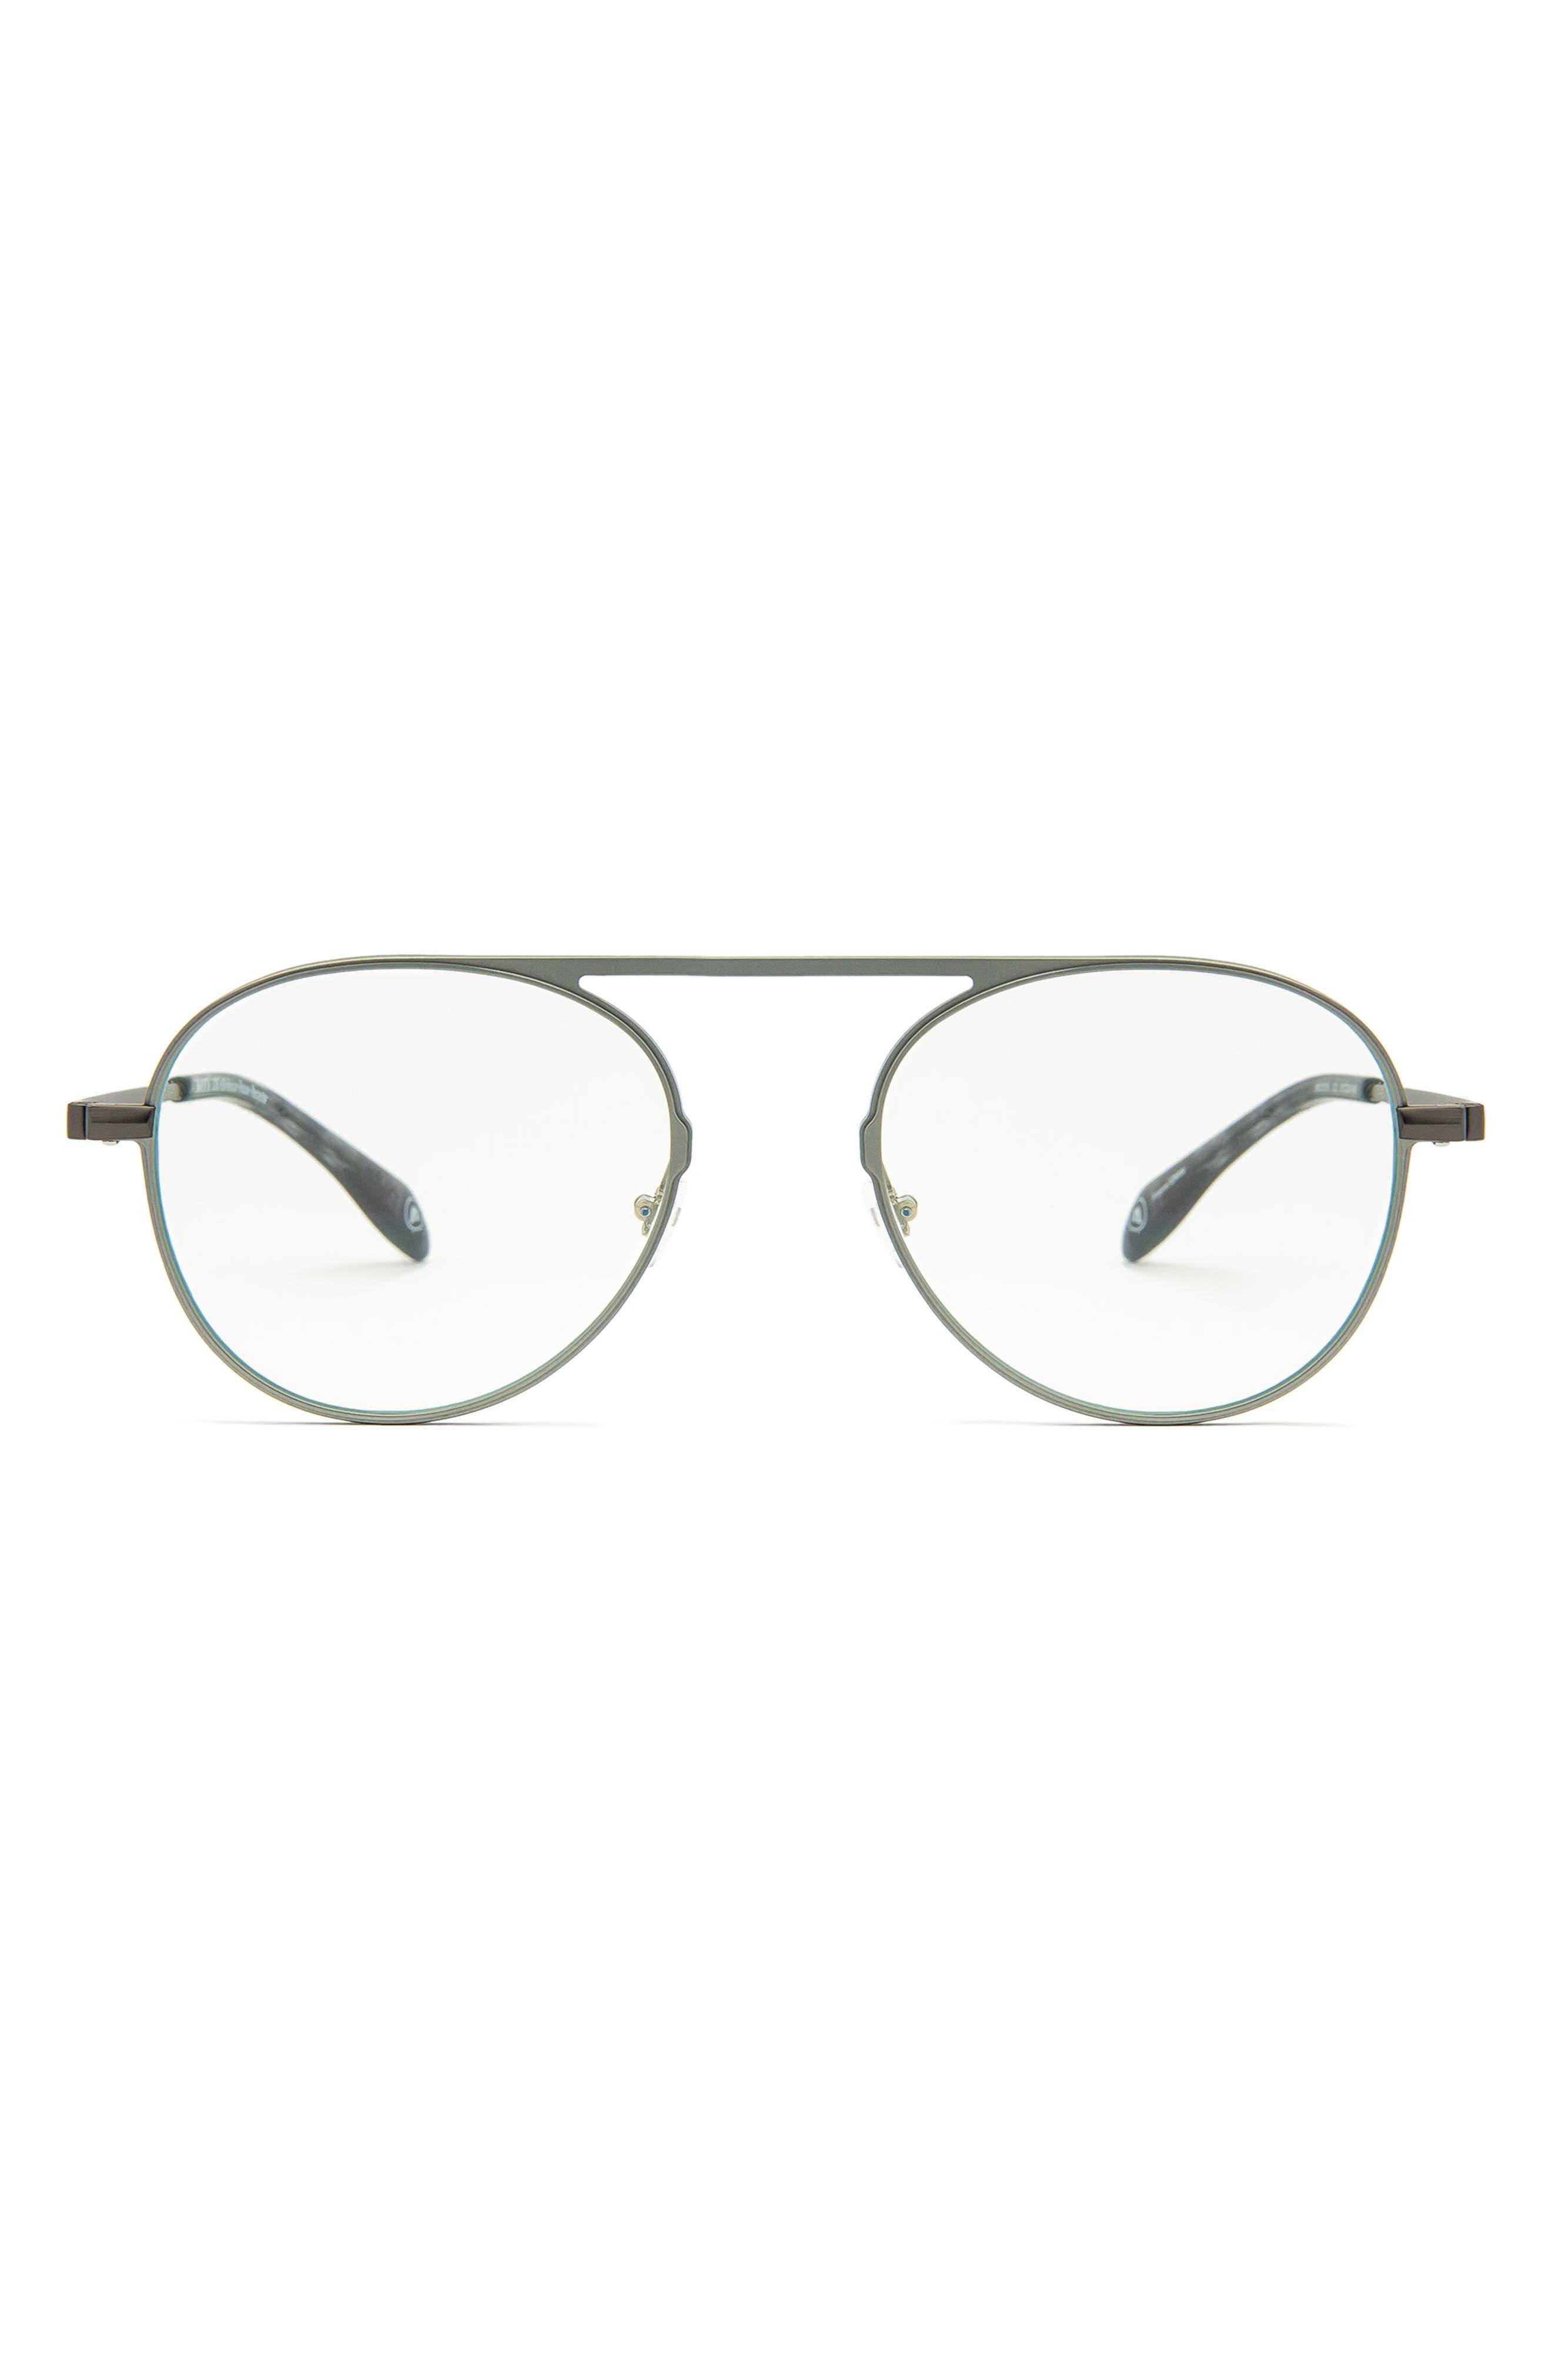 51mm Blue Light Blocking Glasses